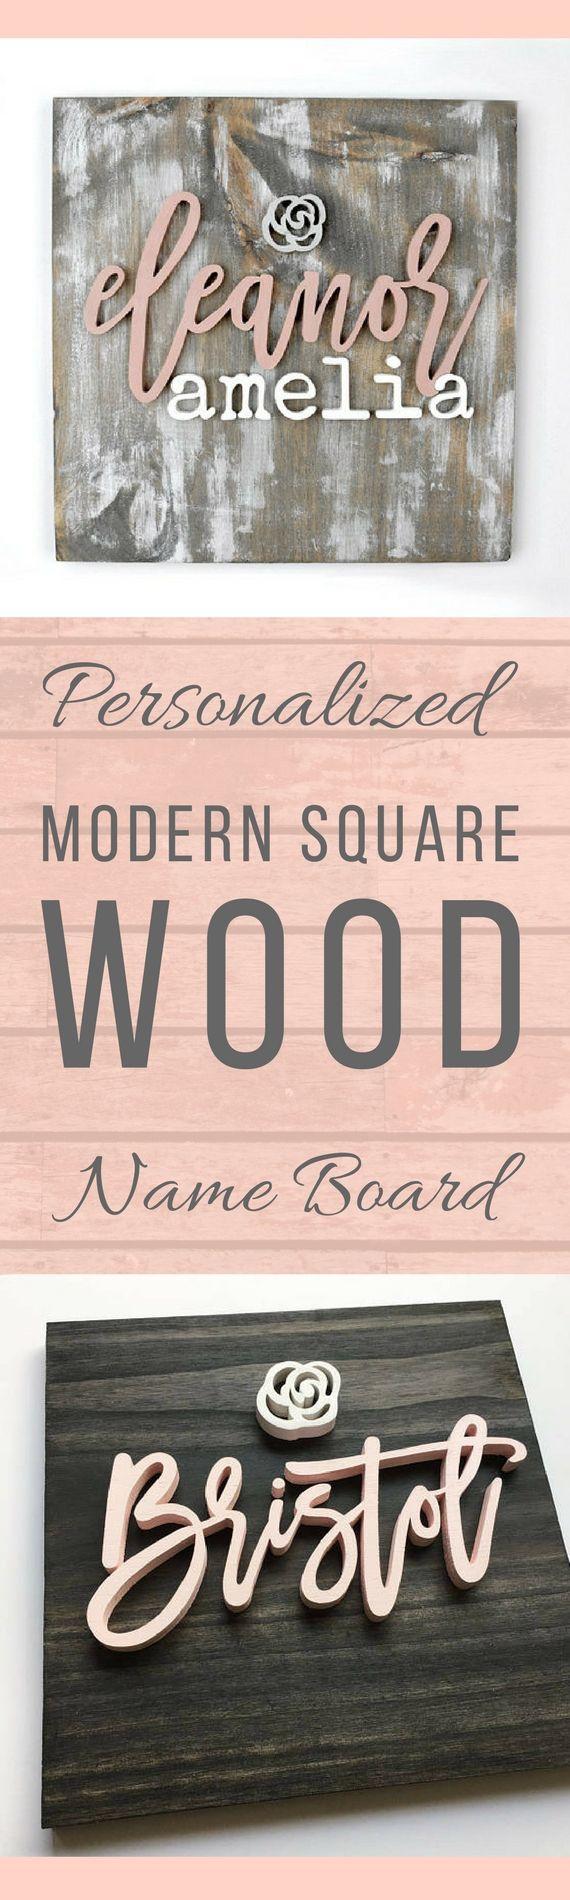 Modern wood name board wood name sign custom wall art nursery